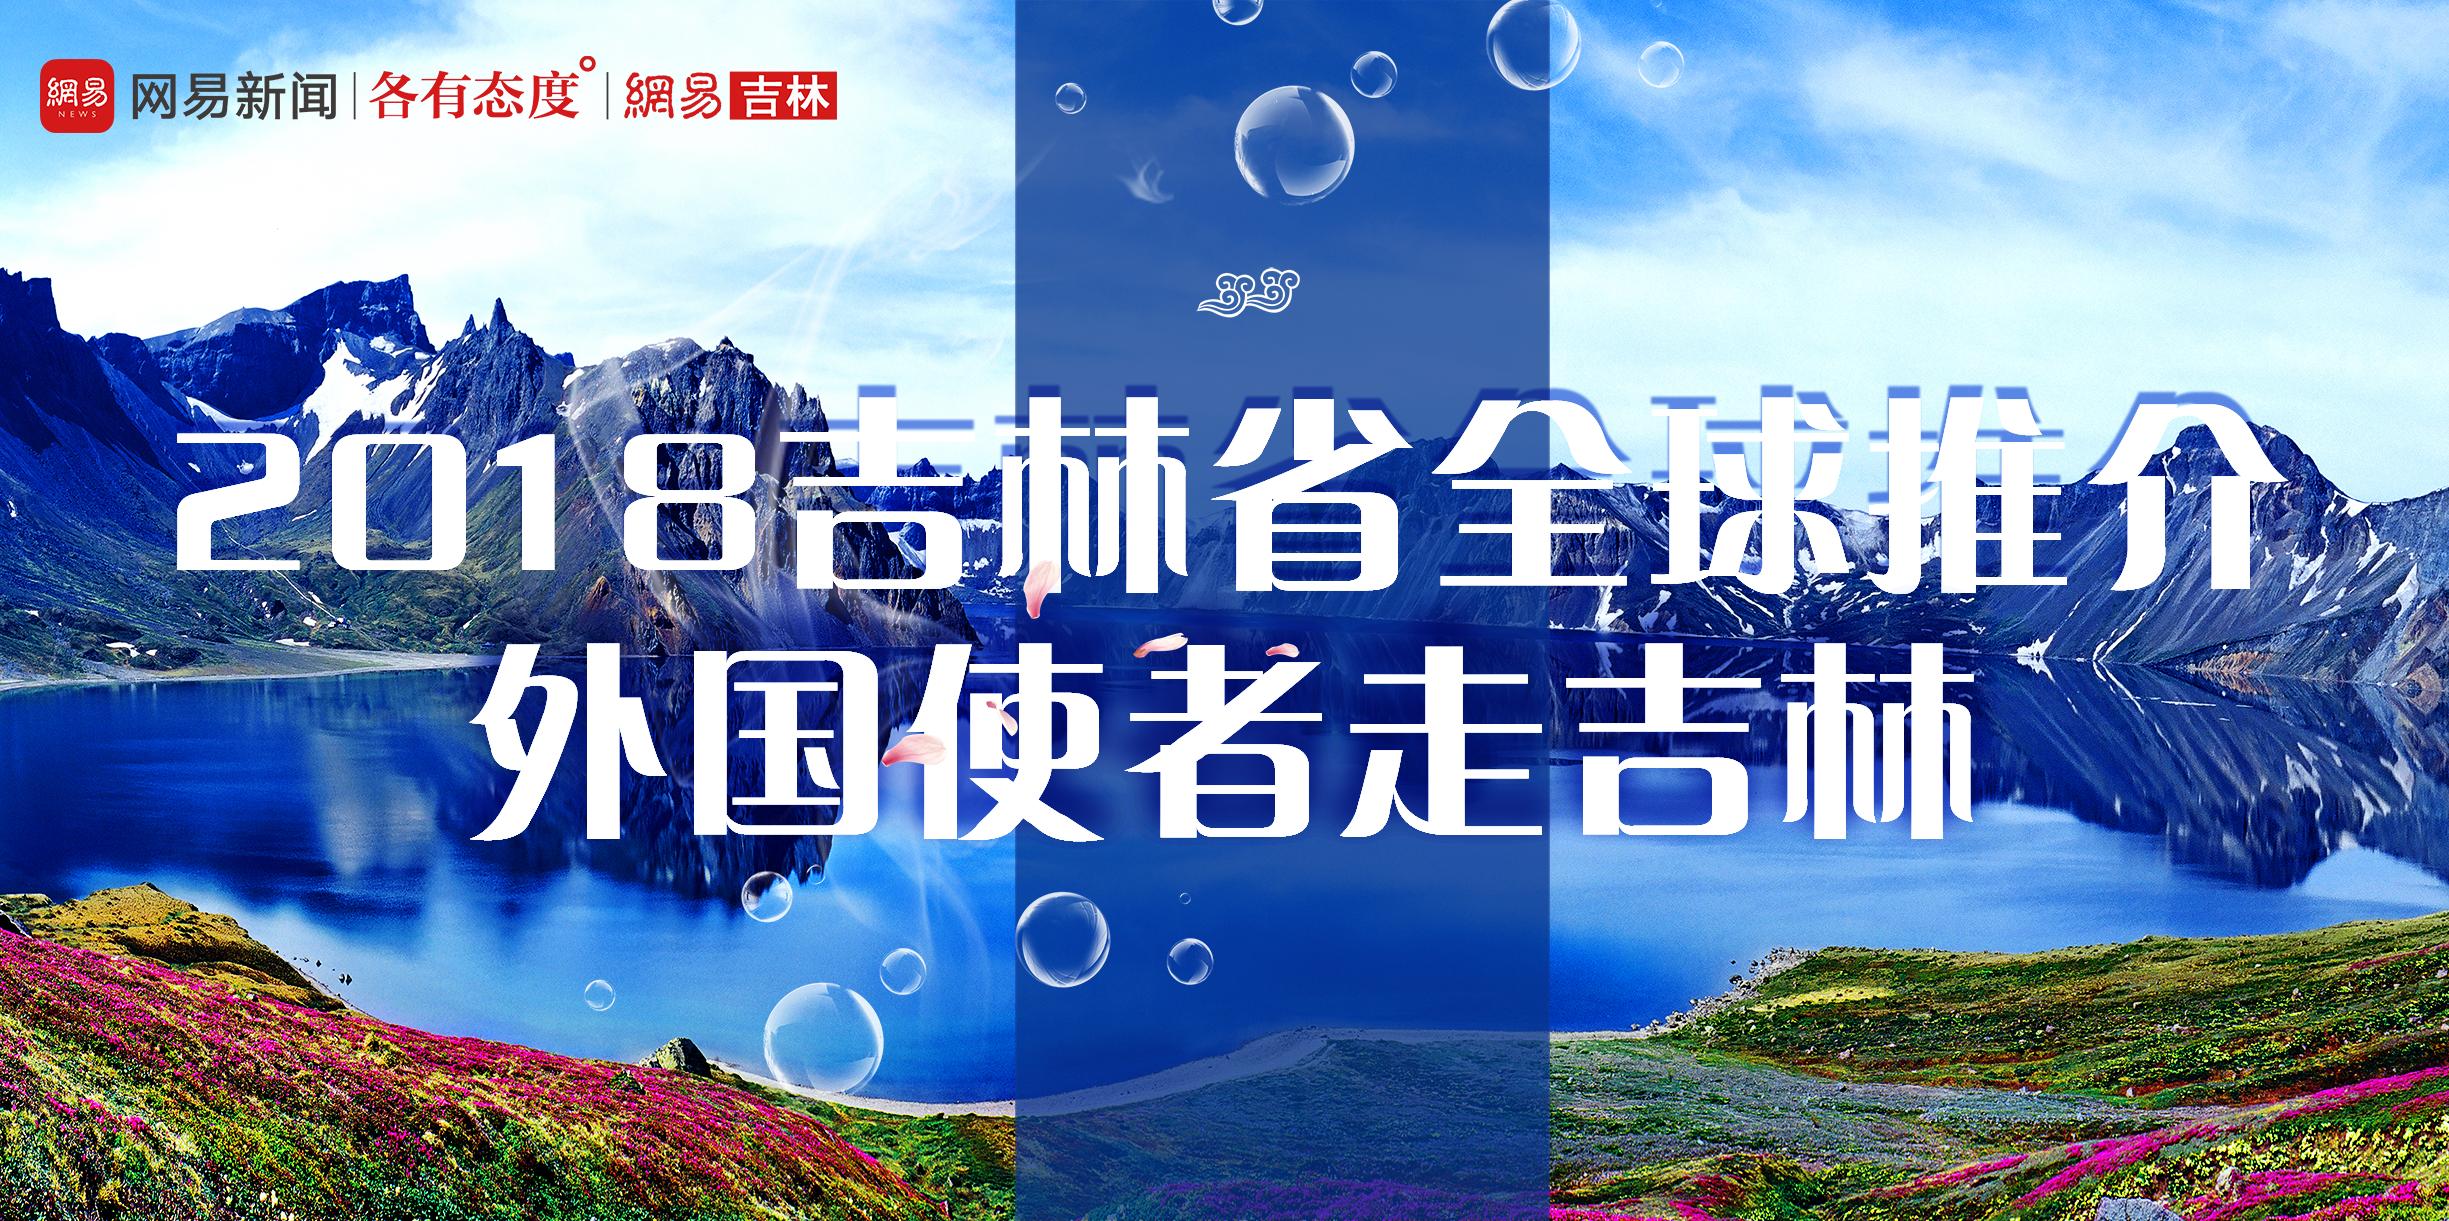 新时代的中国:精彩吉林拥抱世界